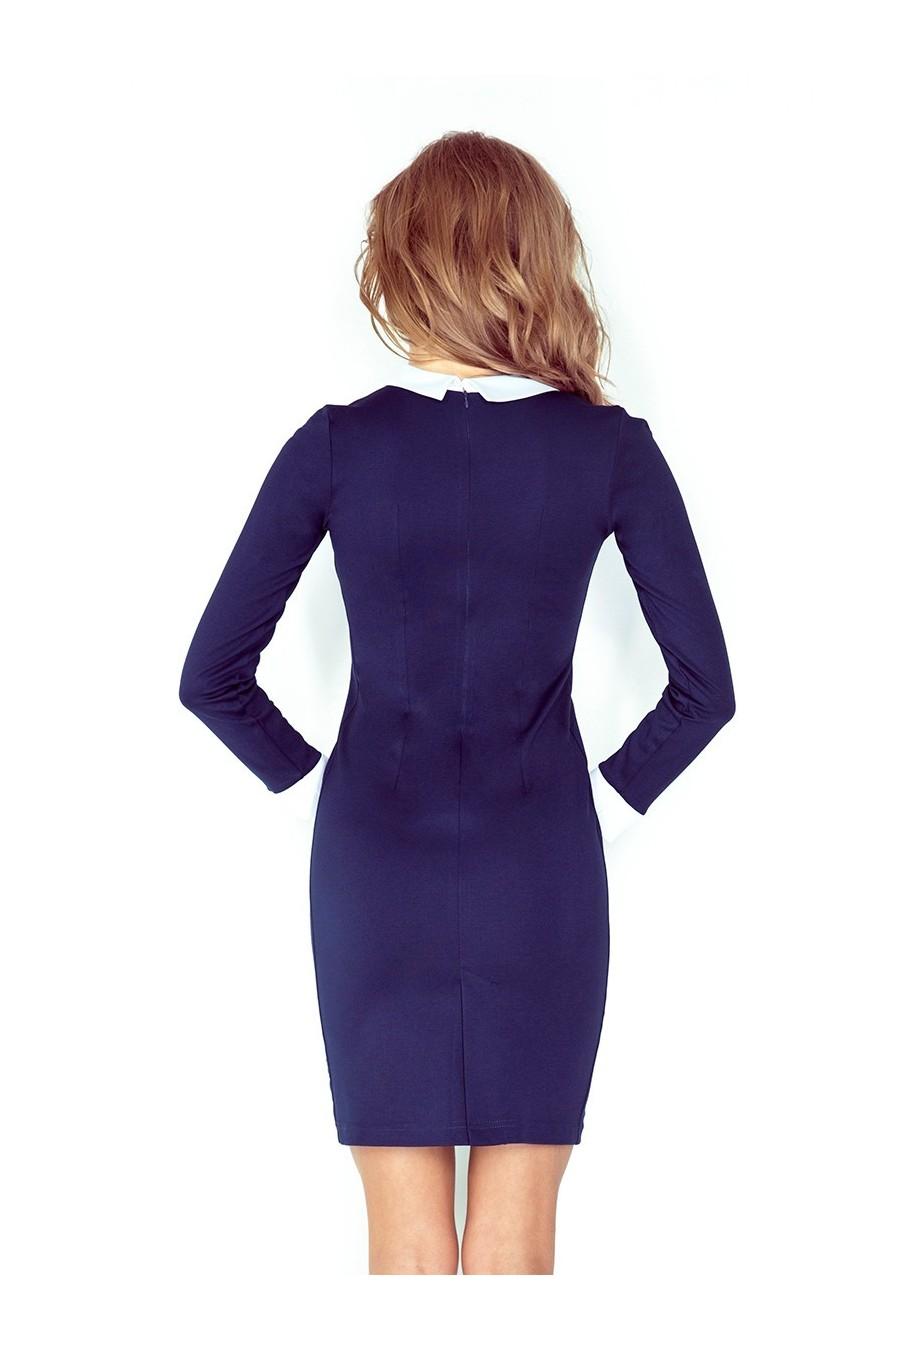 Šaty s bílým límečkem - tmave modrá 143-2